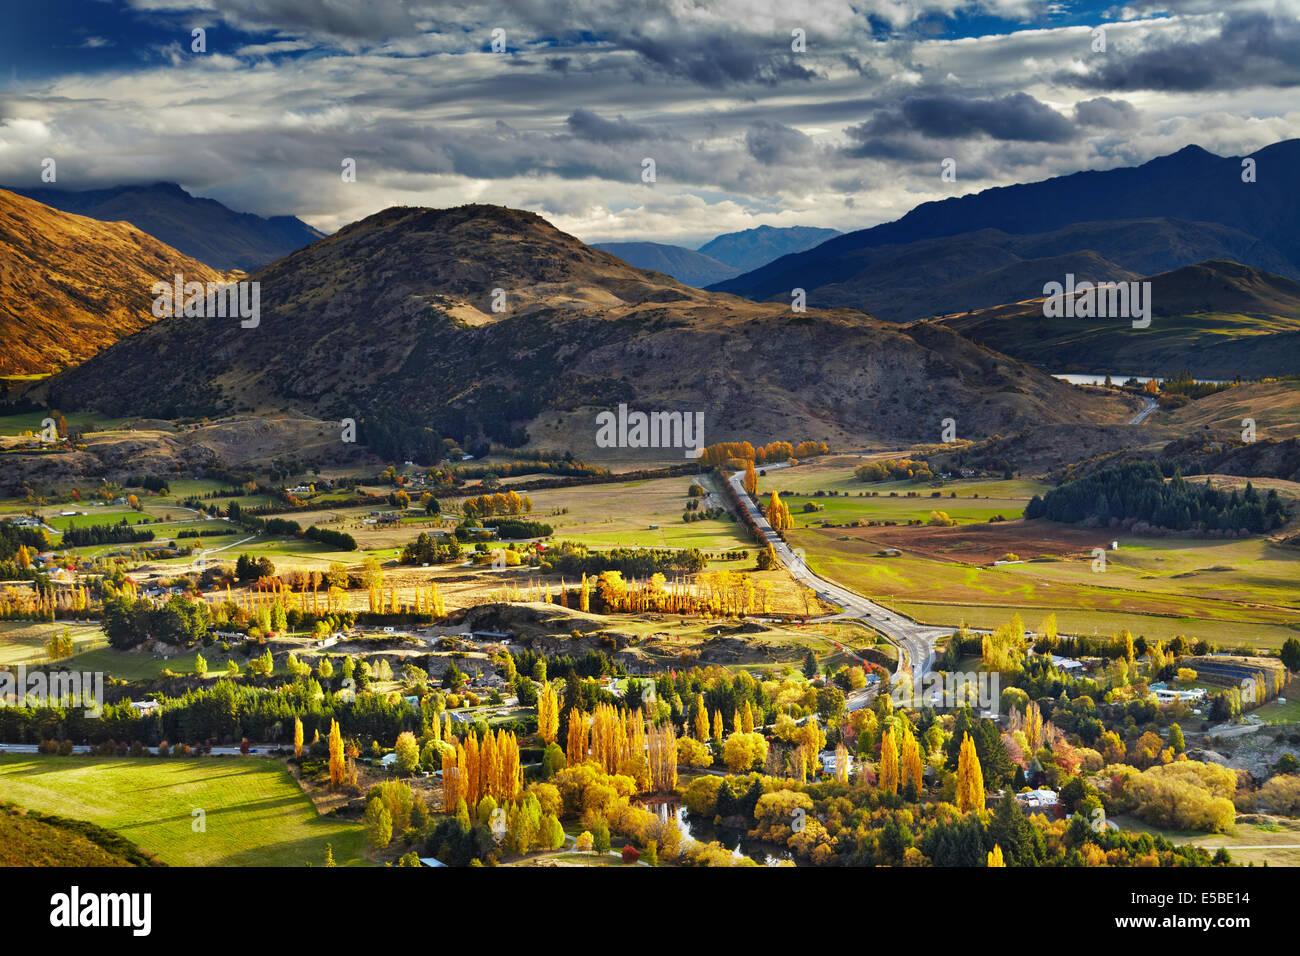 Berglandschaft, in der Nähe von Queenstown, Neuseeland Stockbild